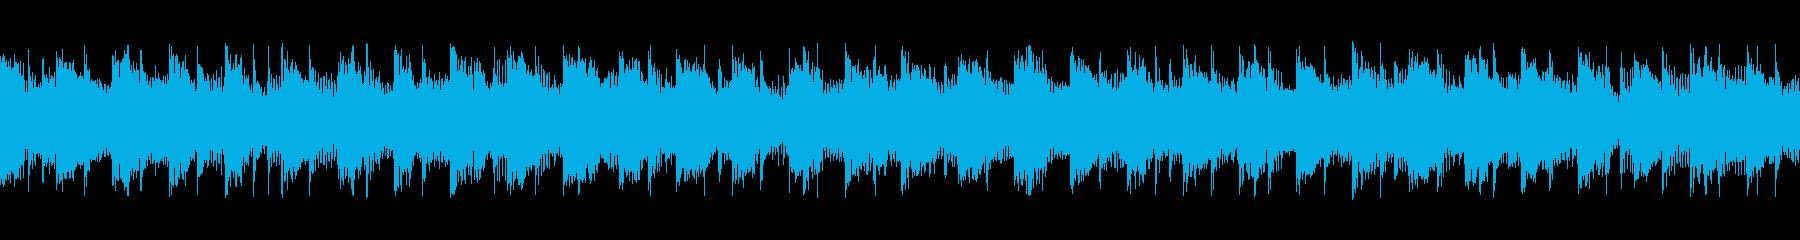 bpm121の地味で静かなループテクノの再生済みの波形